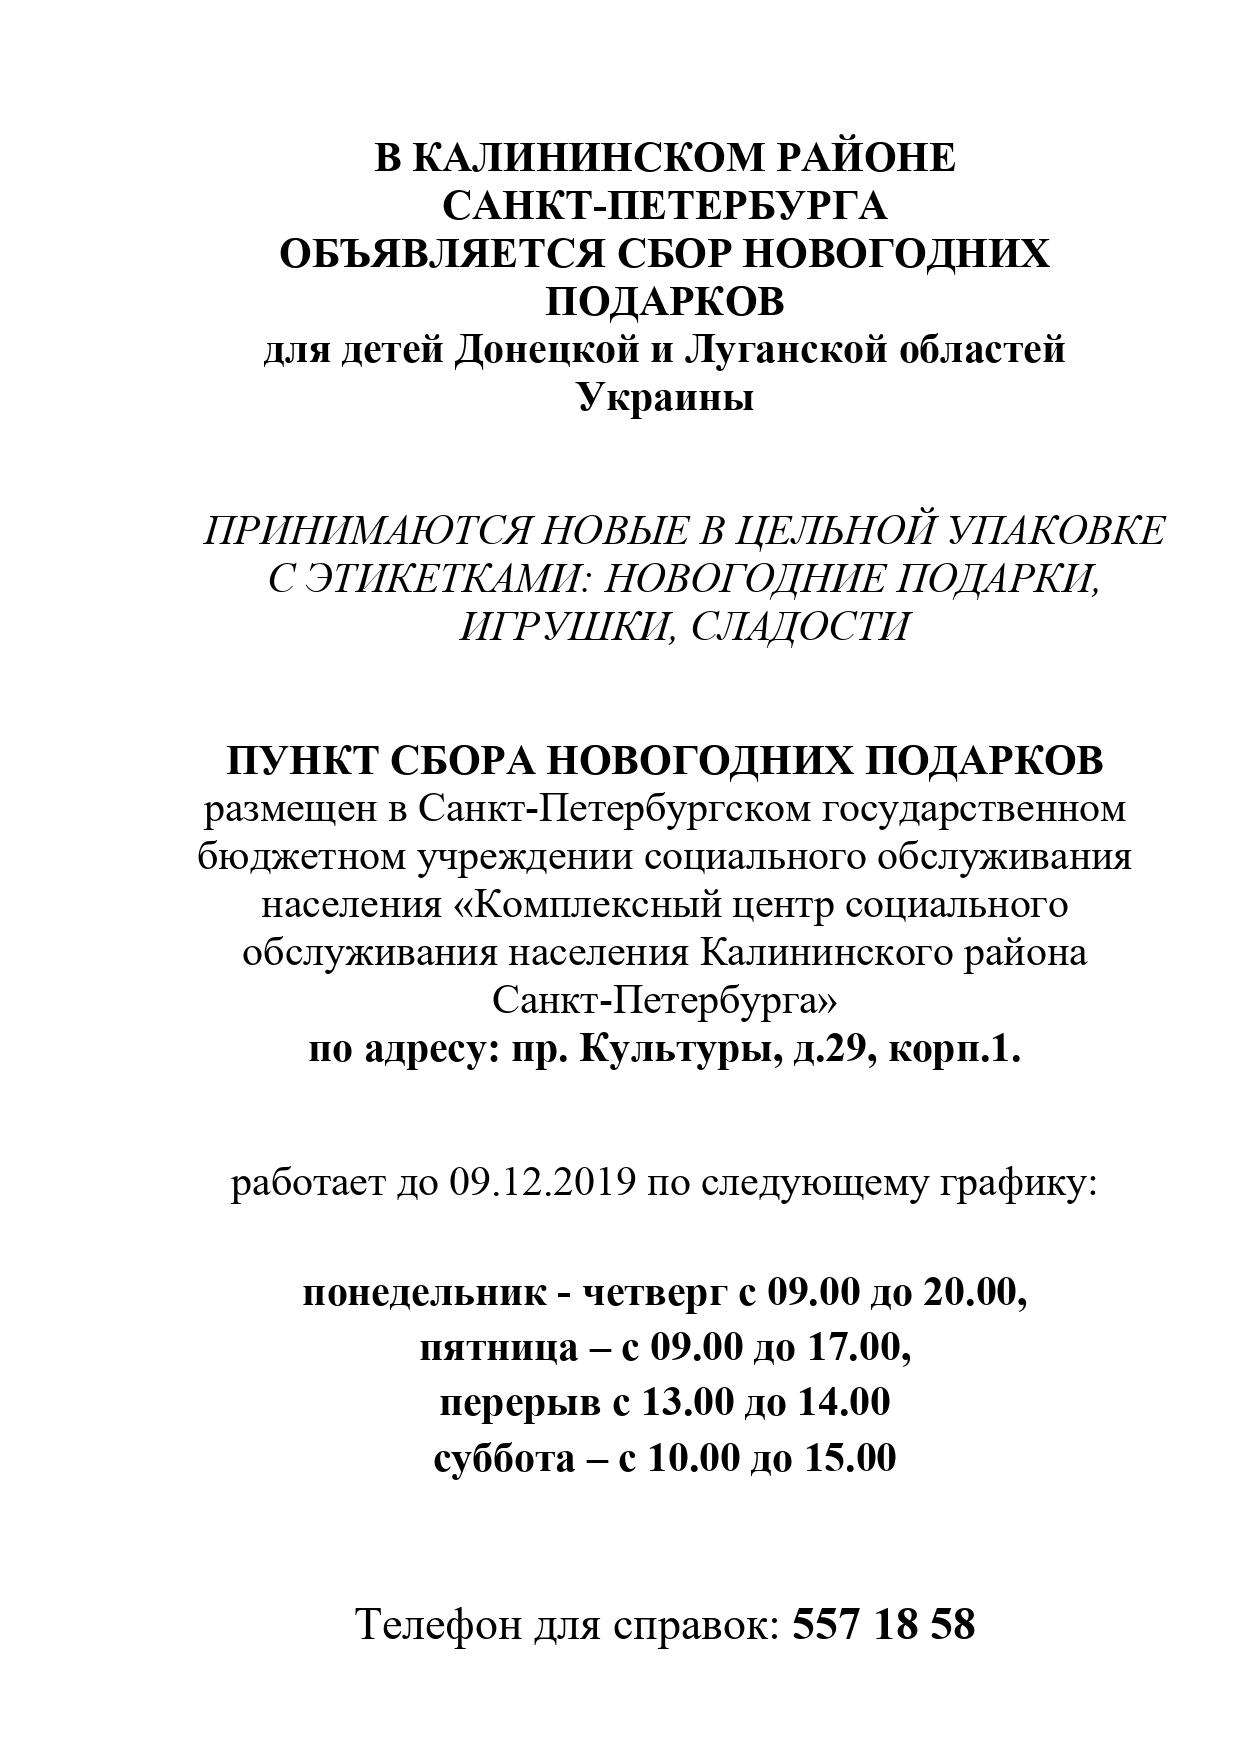 СБОР НОВОГОДНИХ ПОДАРКОВ  для детей Донецкой и Луганской областей Украины